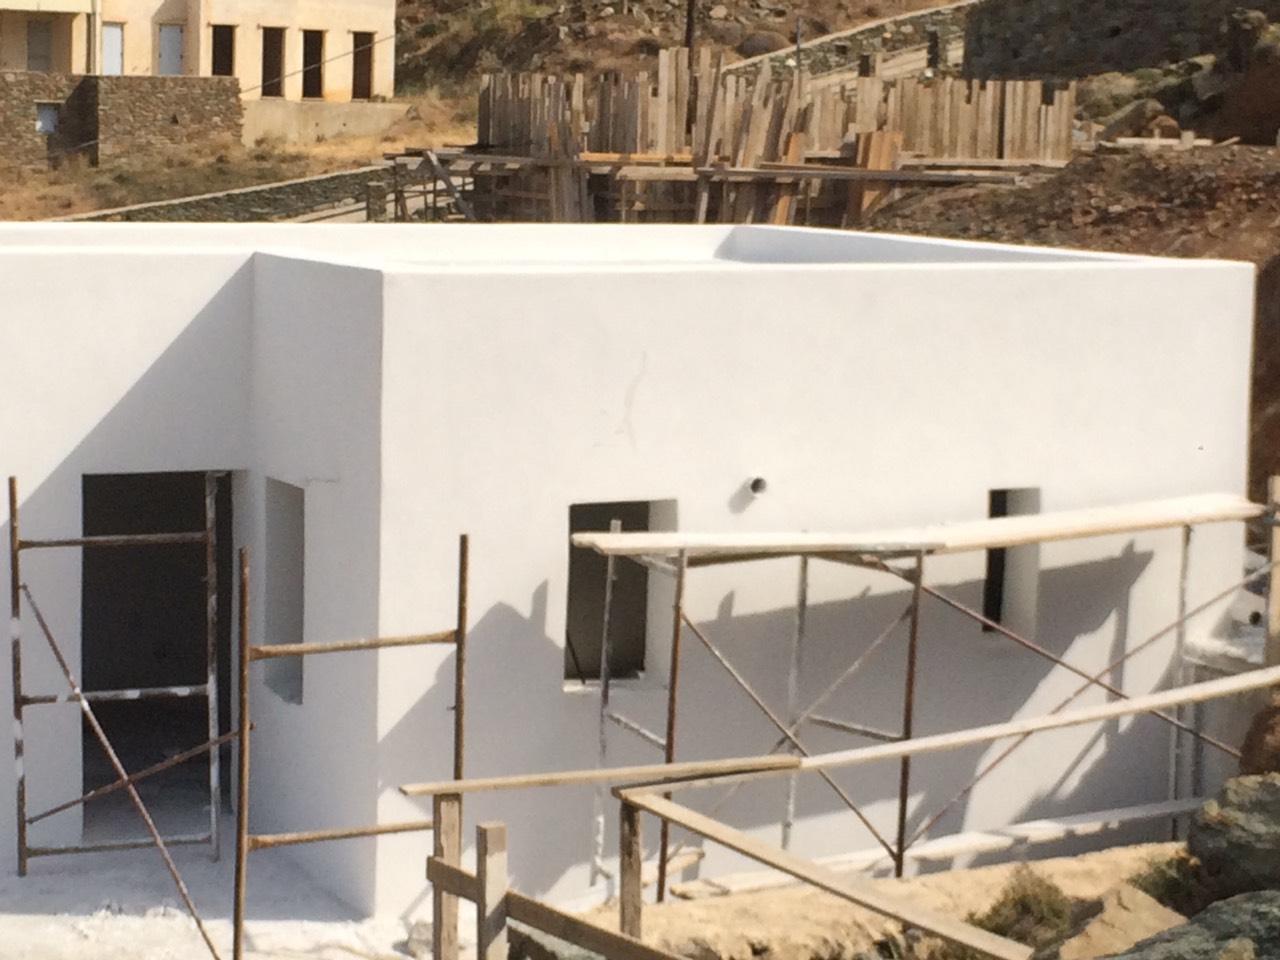 Εξωτερική θερμοπρόσοψη με θερμοσοβά Tektoterm σε ιδιωτική κατοικία στην Τήνο